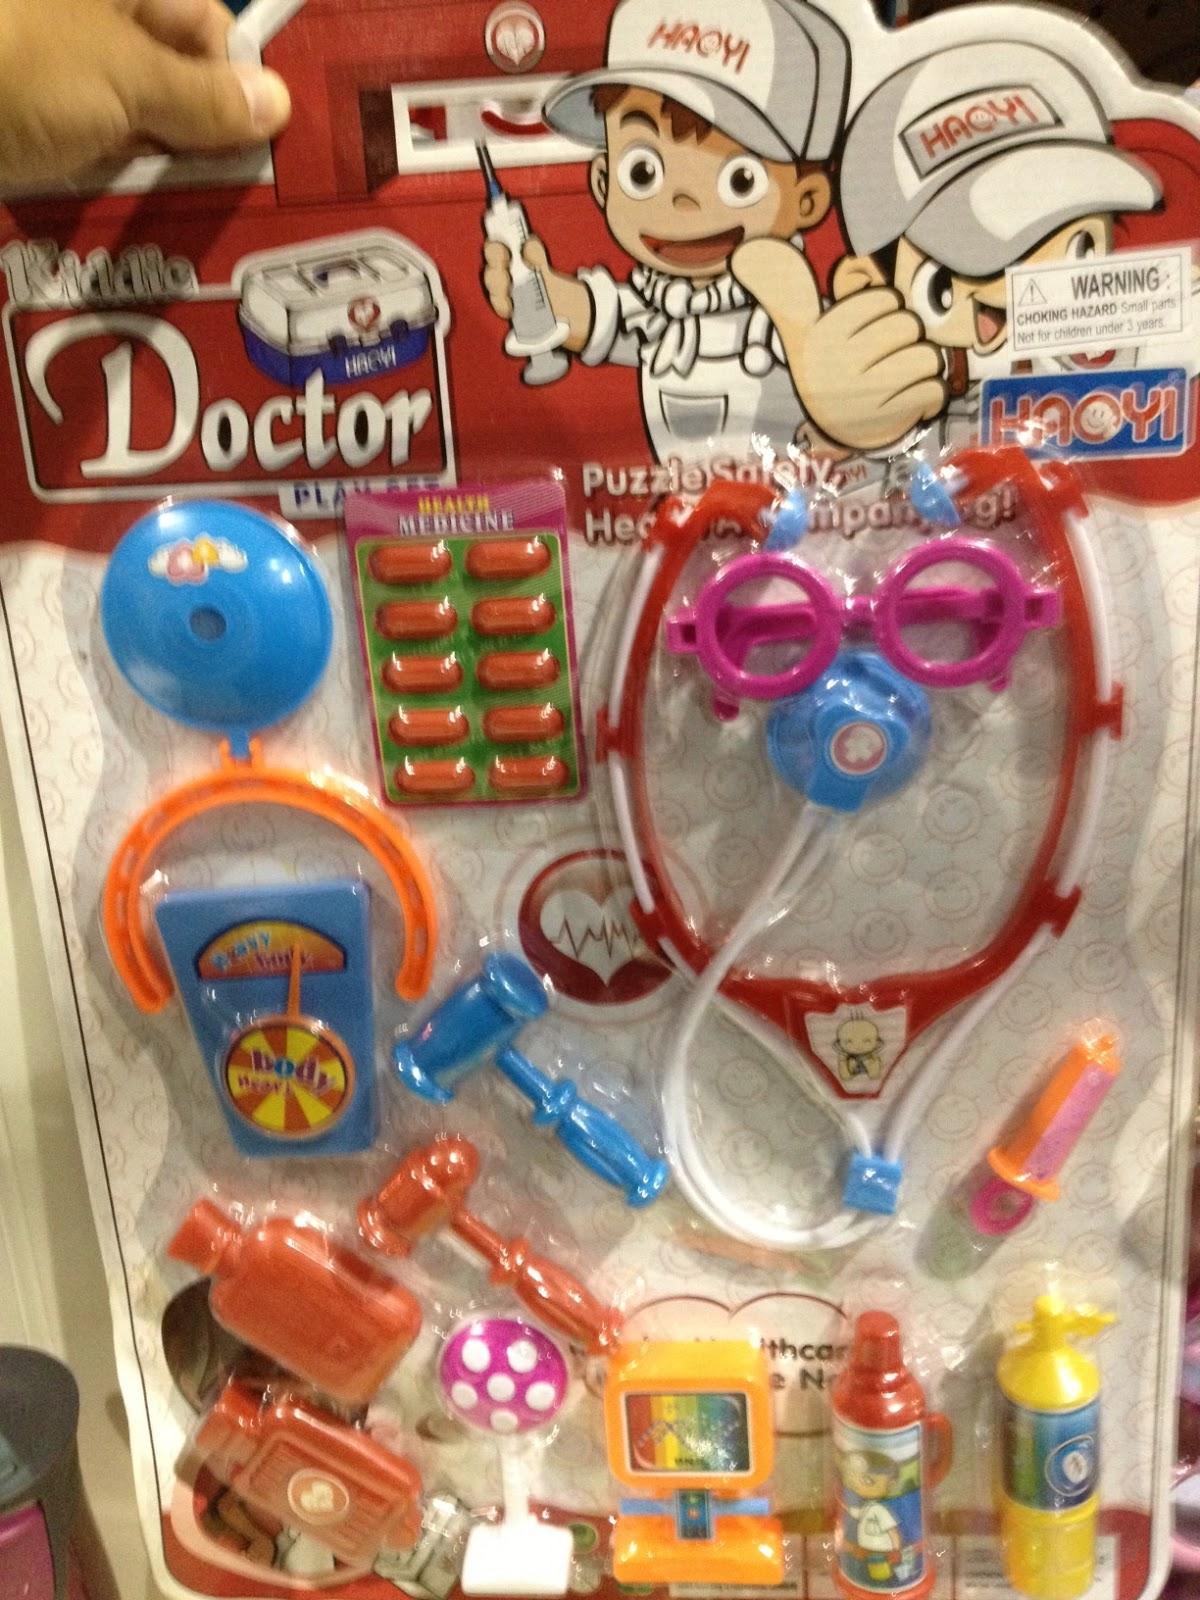 Bootleg Toys Cracked Bootleg Toys Thread